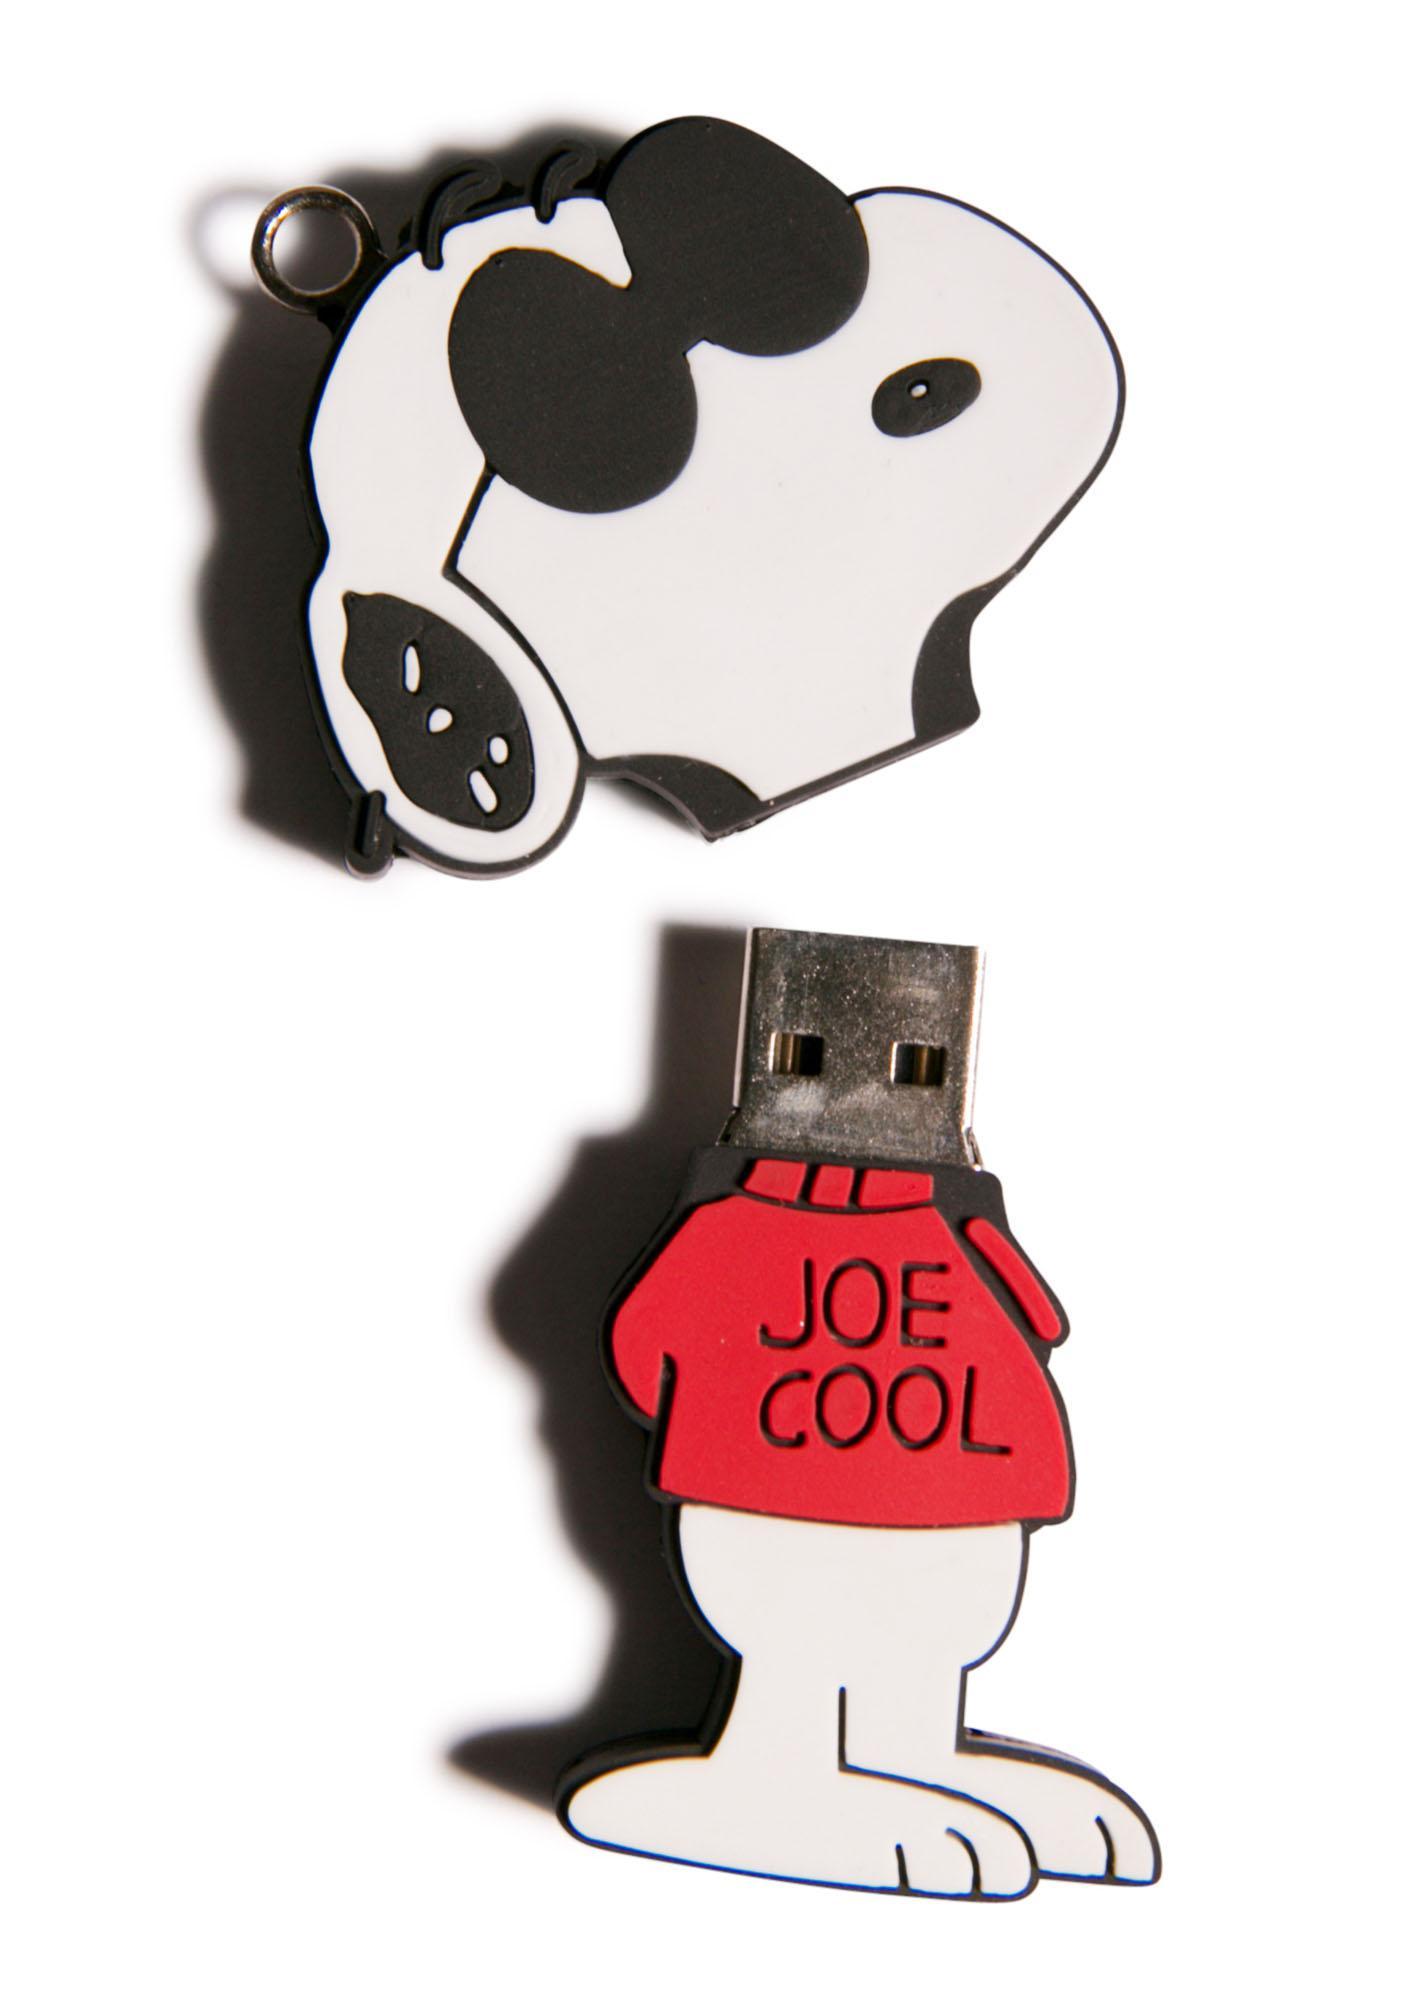 Joe Cool 2GB USB Flash Drive